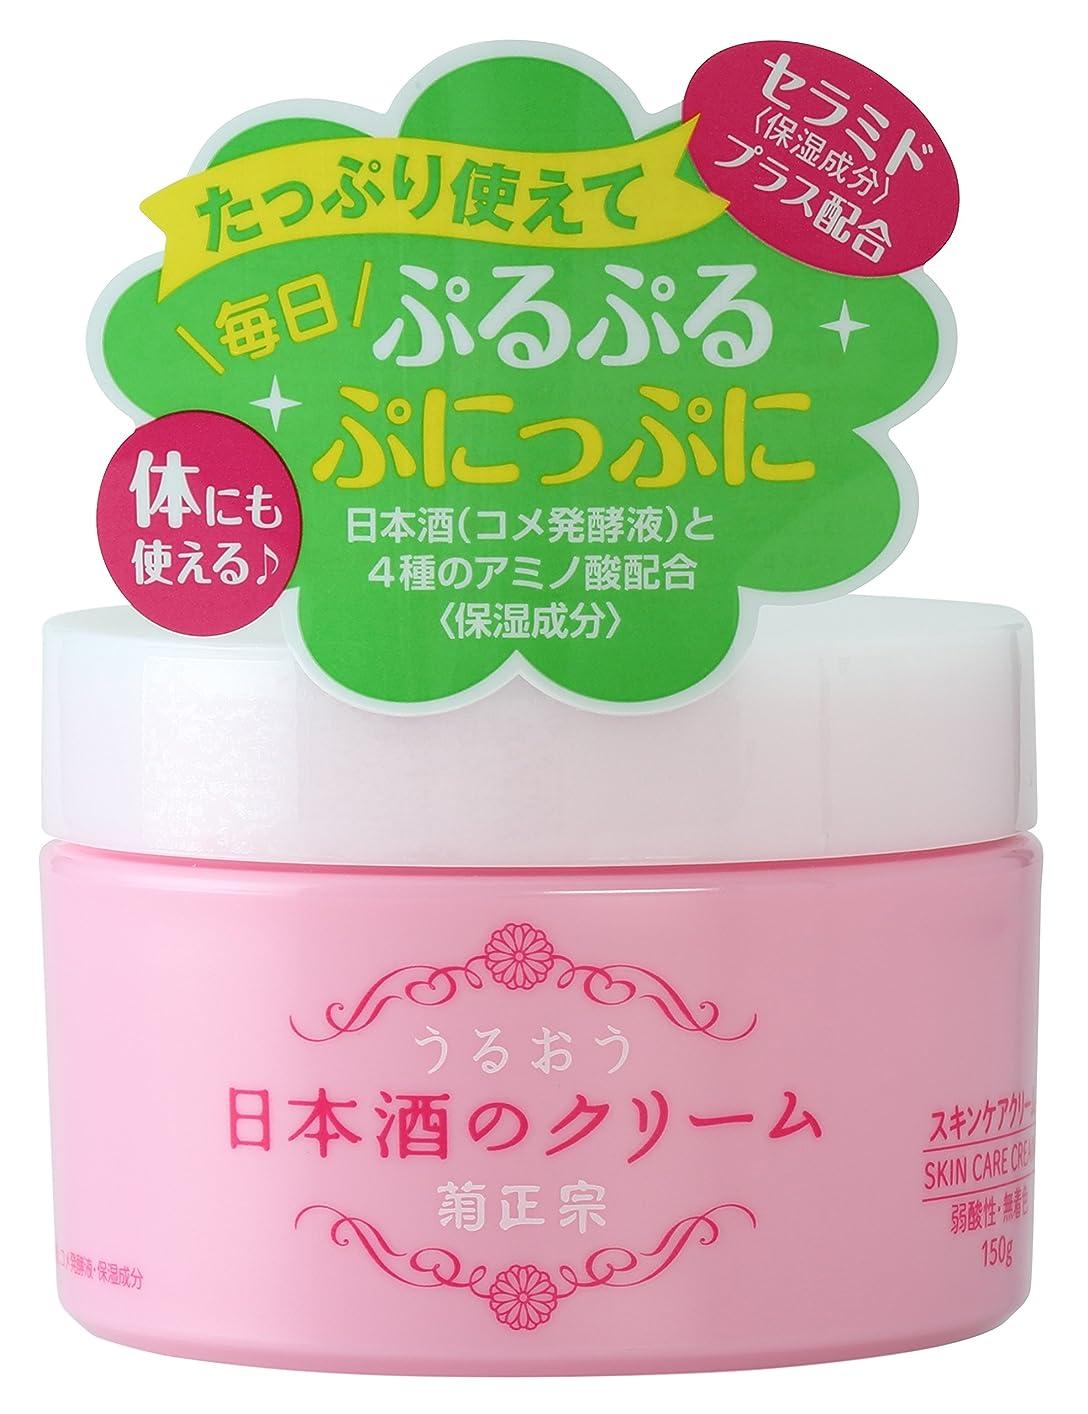 ドライバ主本能菊正宗 日本酒のクリーム 150g